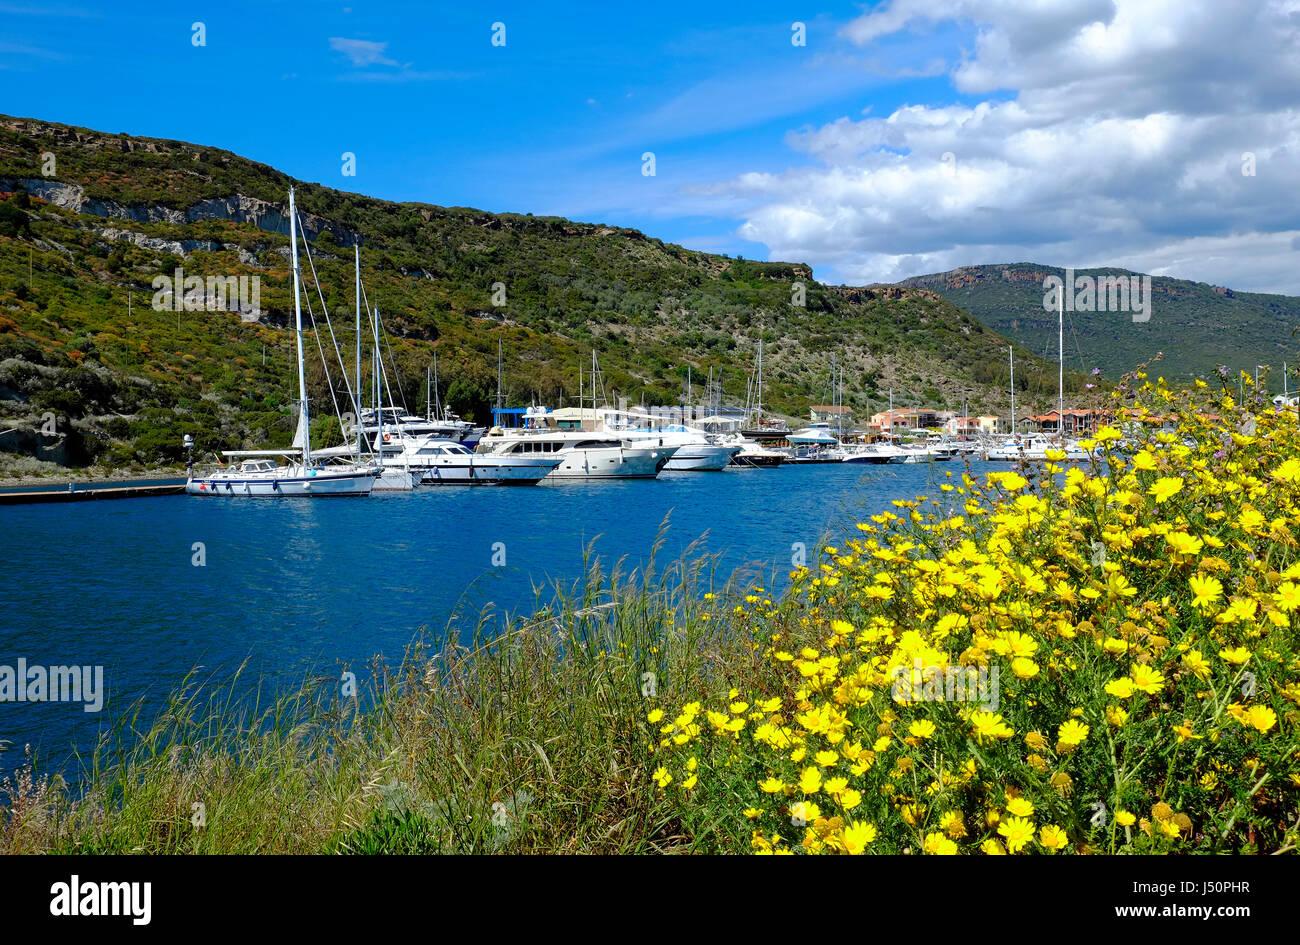 bosa marina, sardinia, italy - Stock Image